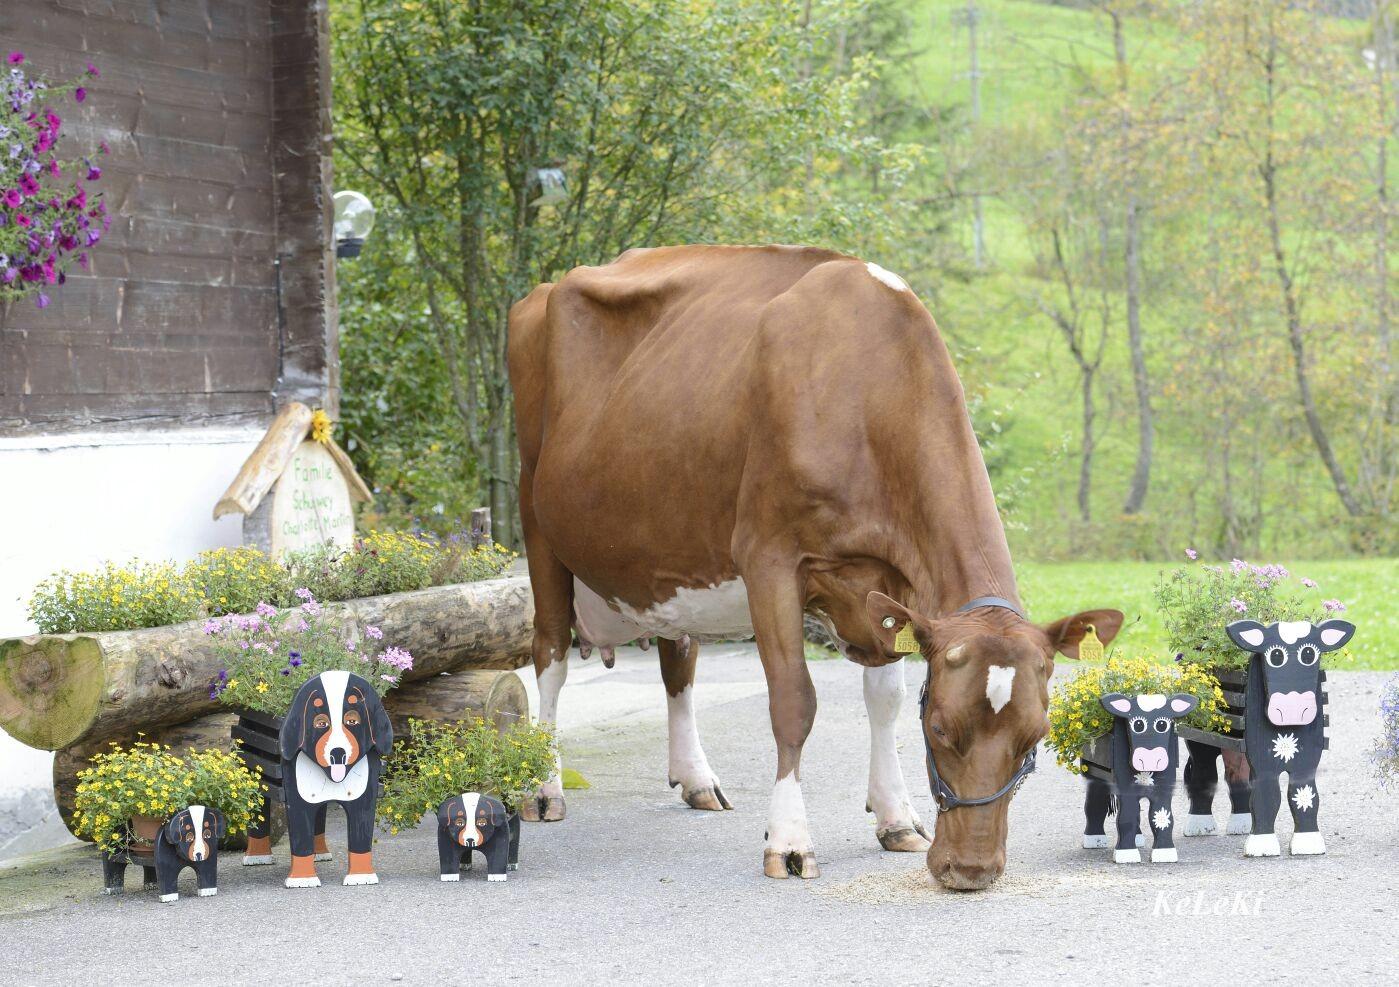 Kuh Freude hat eine Lebensleistung von mehr als 100'000 Liter Milch